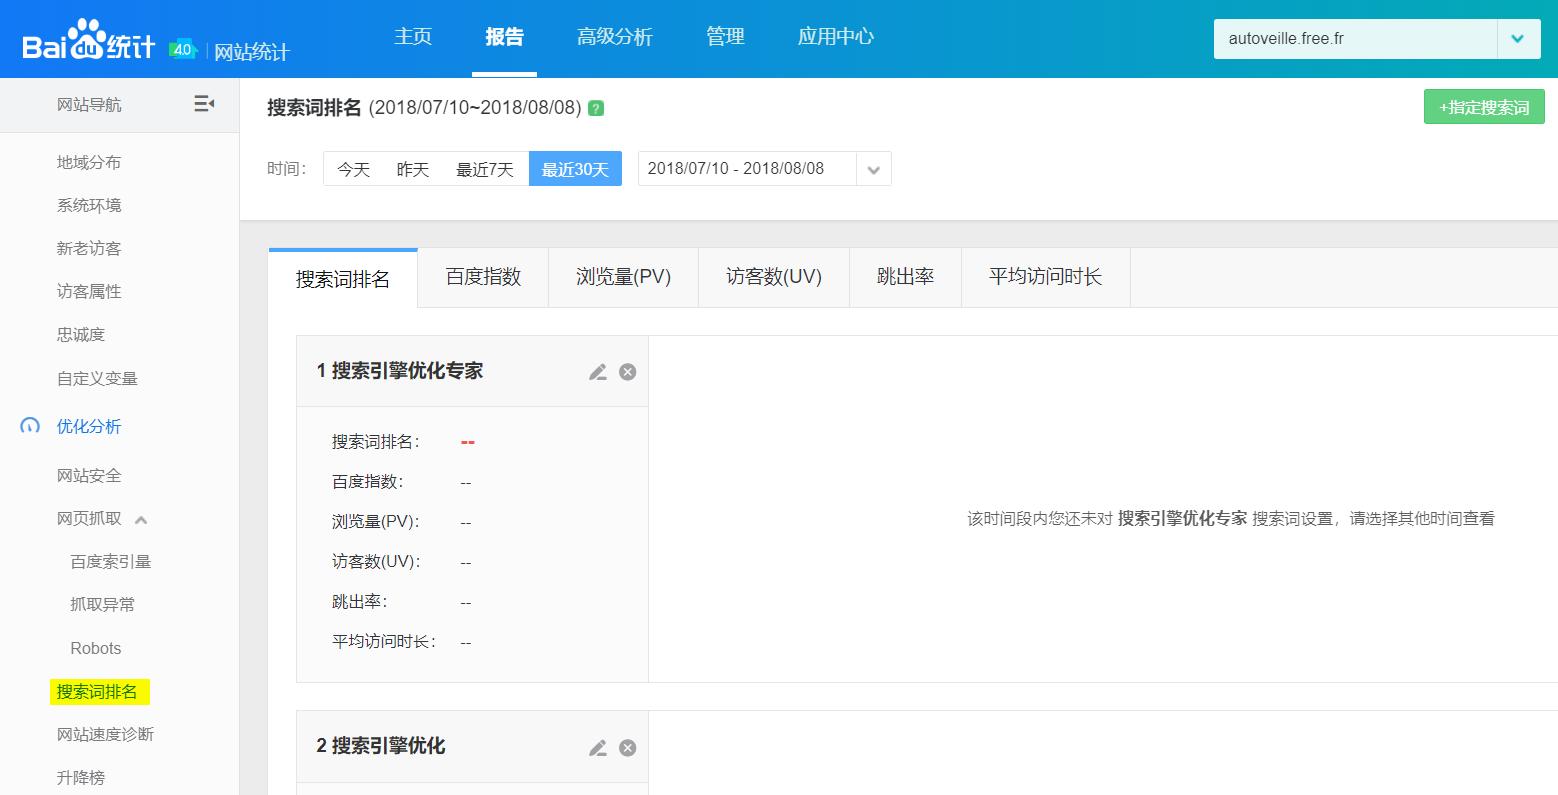 baidu-tongji-seo-rankings-monitoring-veronique duong